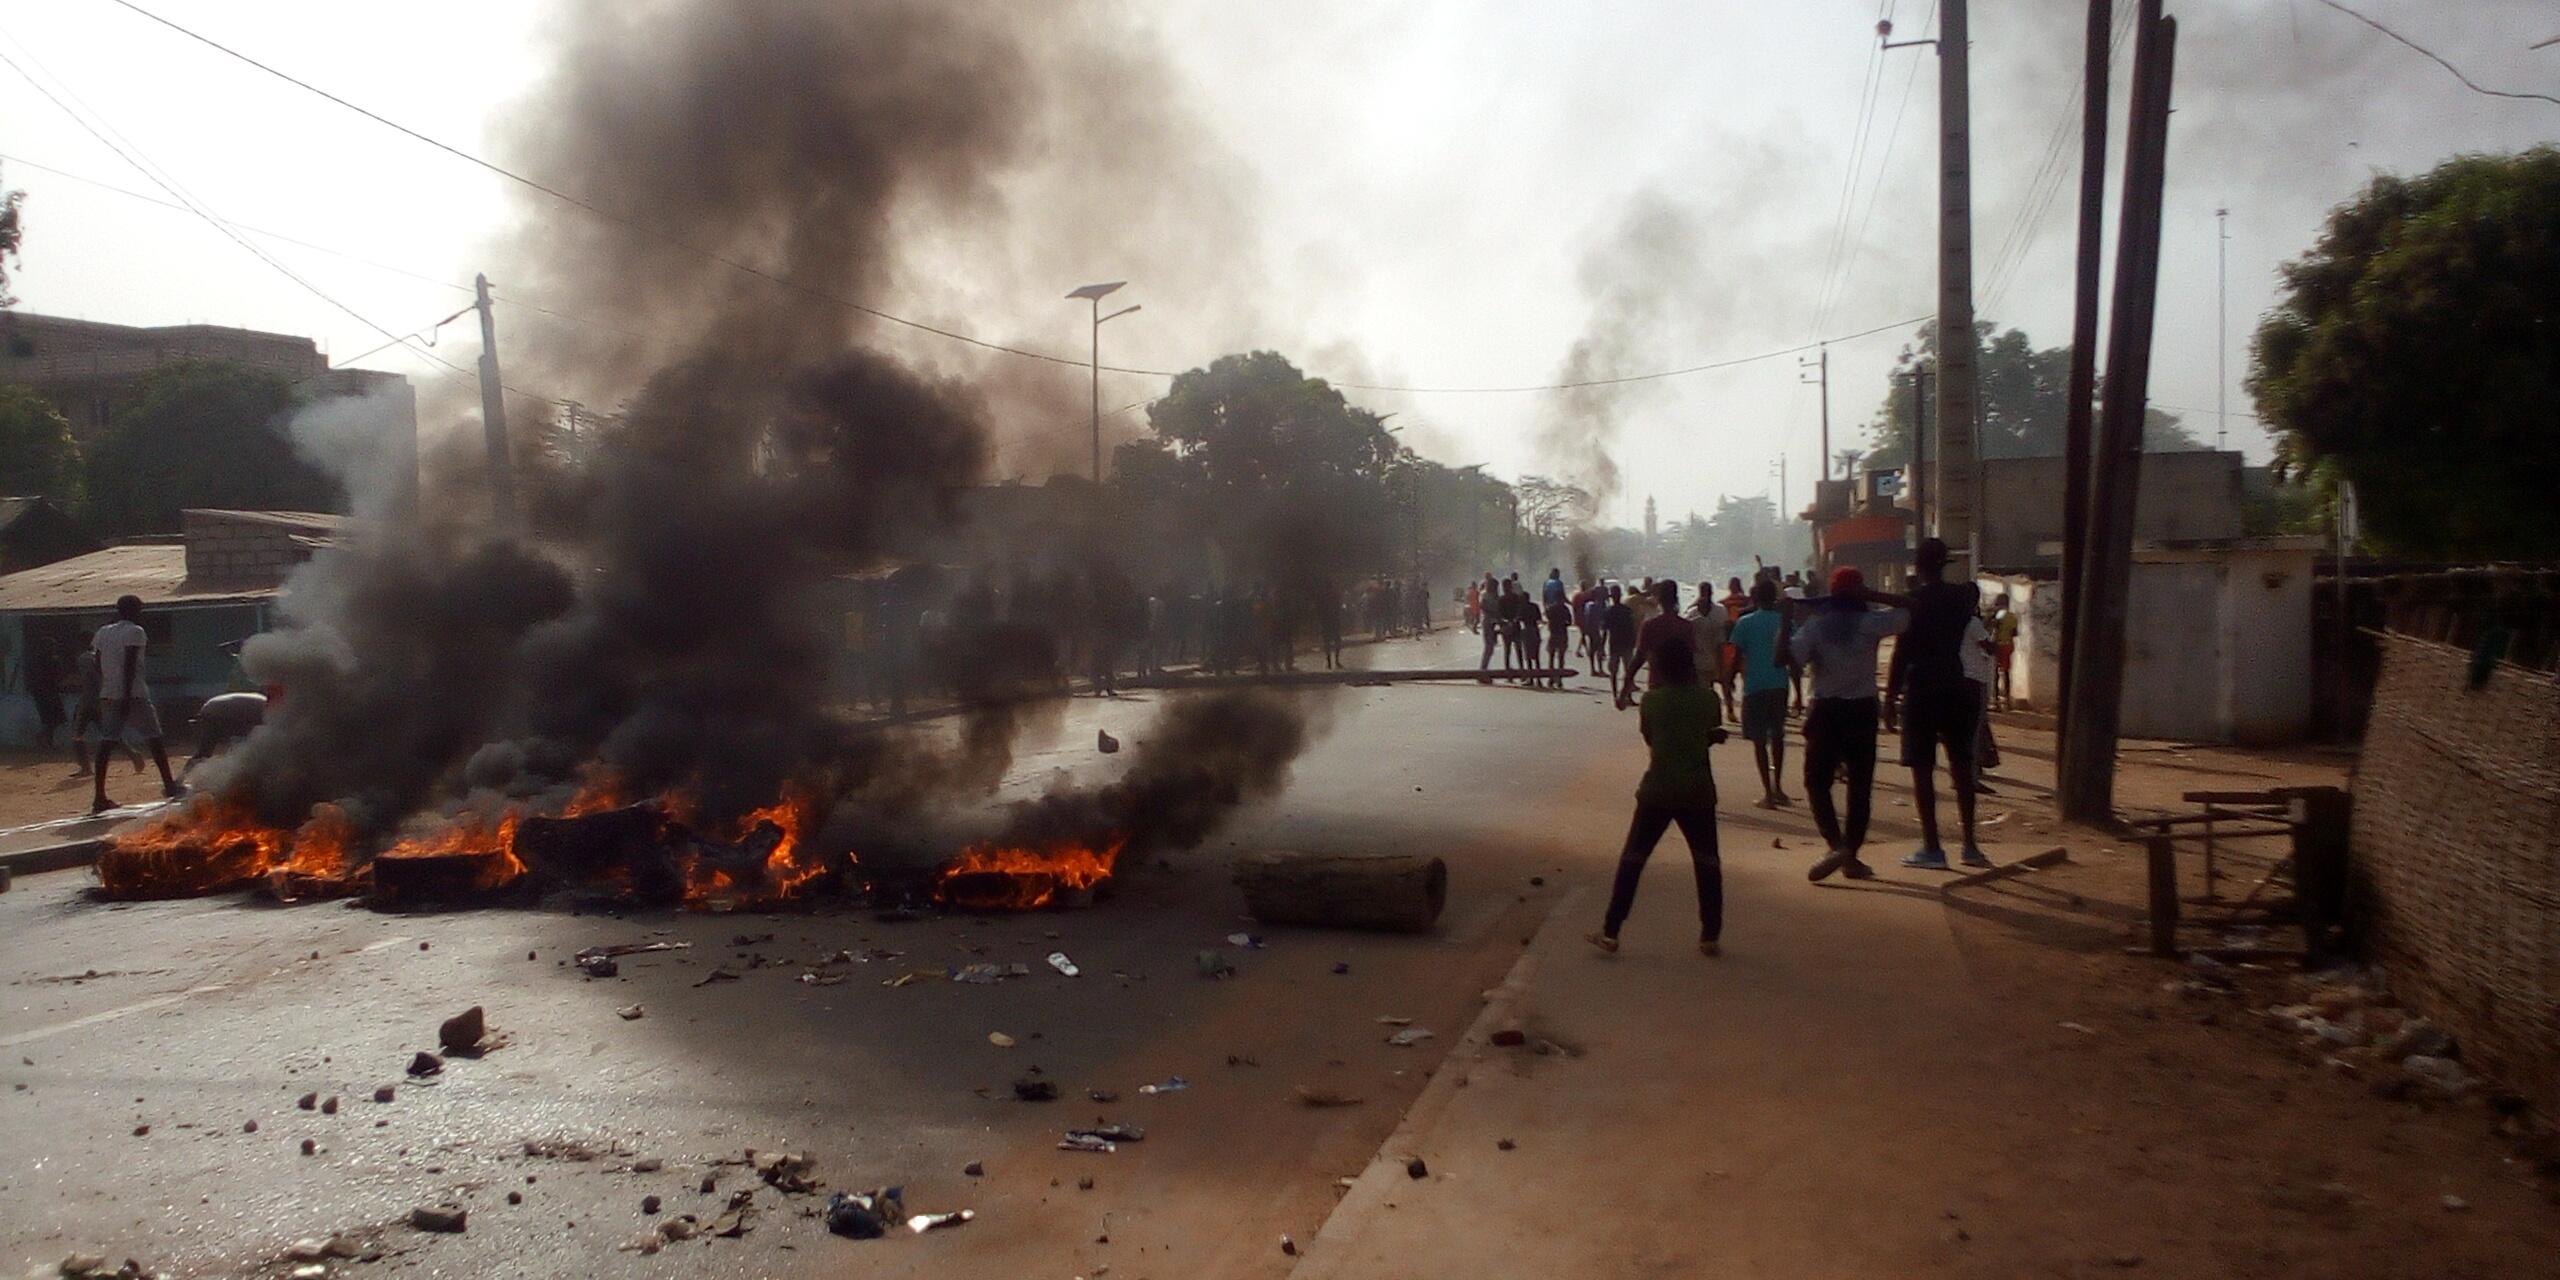 Arrestation de Sonko : Kolda en ébullition, échauffourées, symboles de l'État attaqués, pneus brûlés, routes barrées…